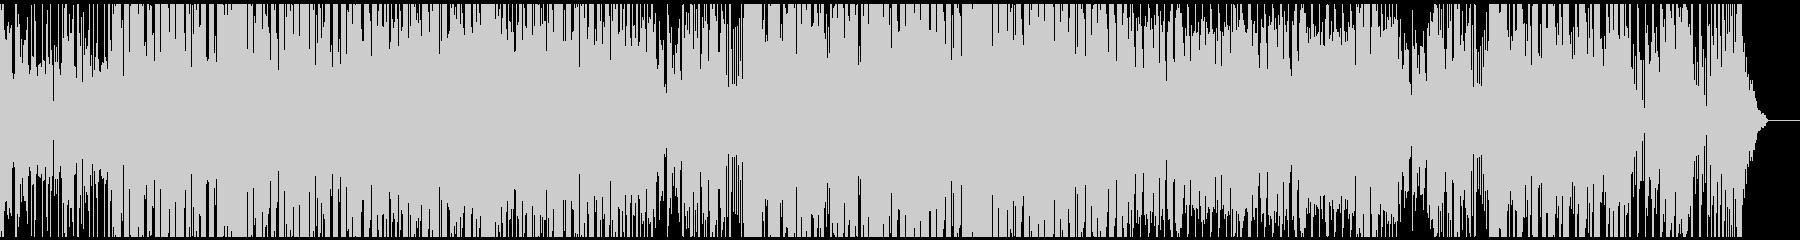 派手でノリの軽いEDMの未再生の波形